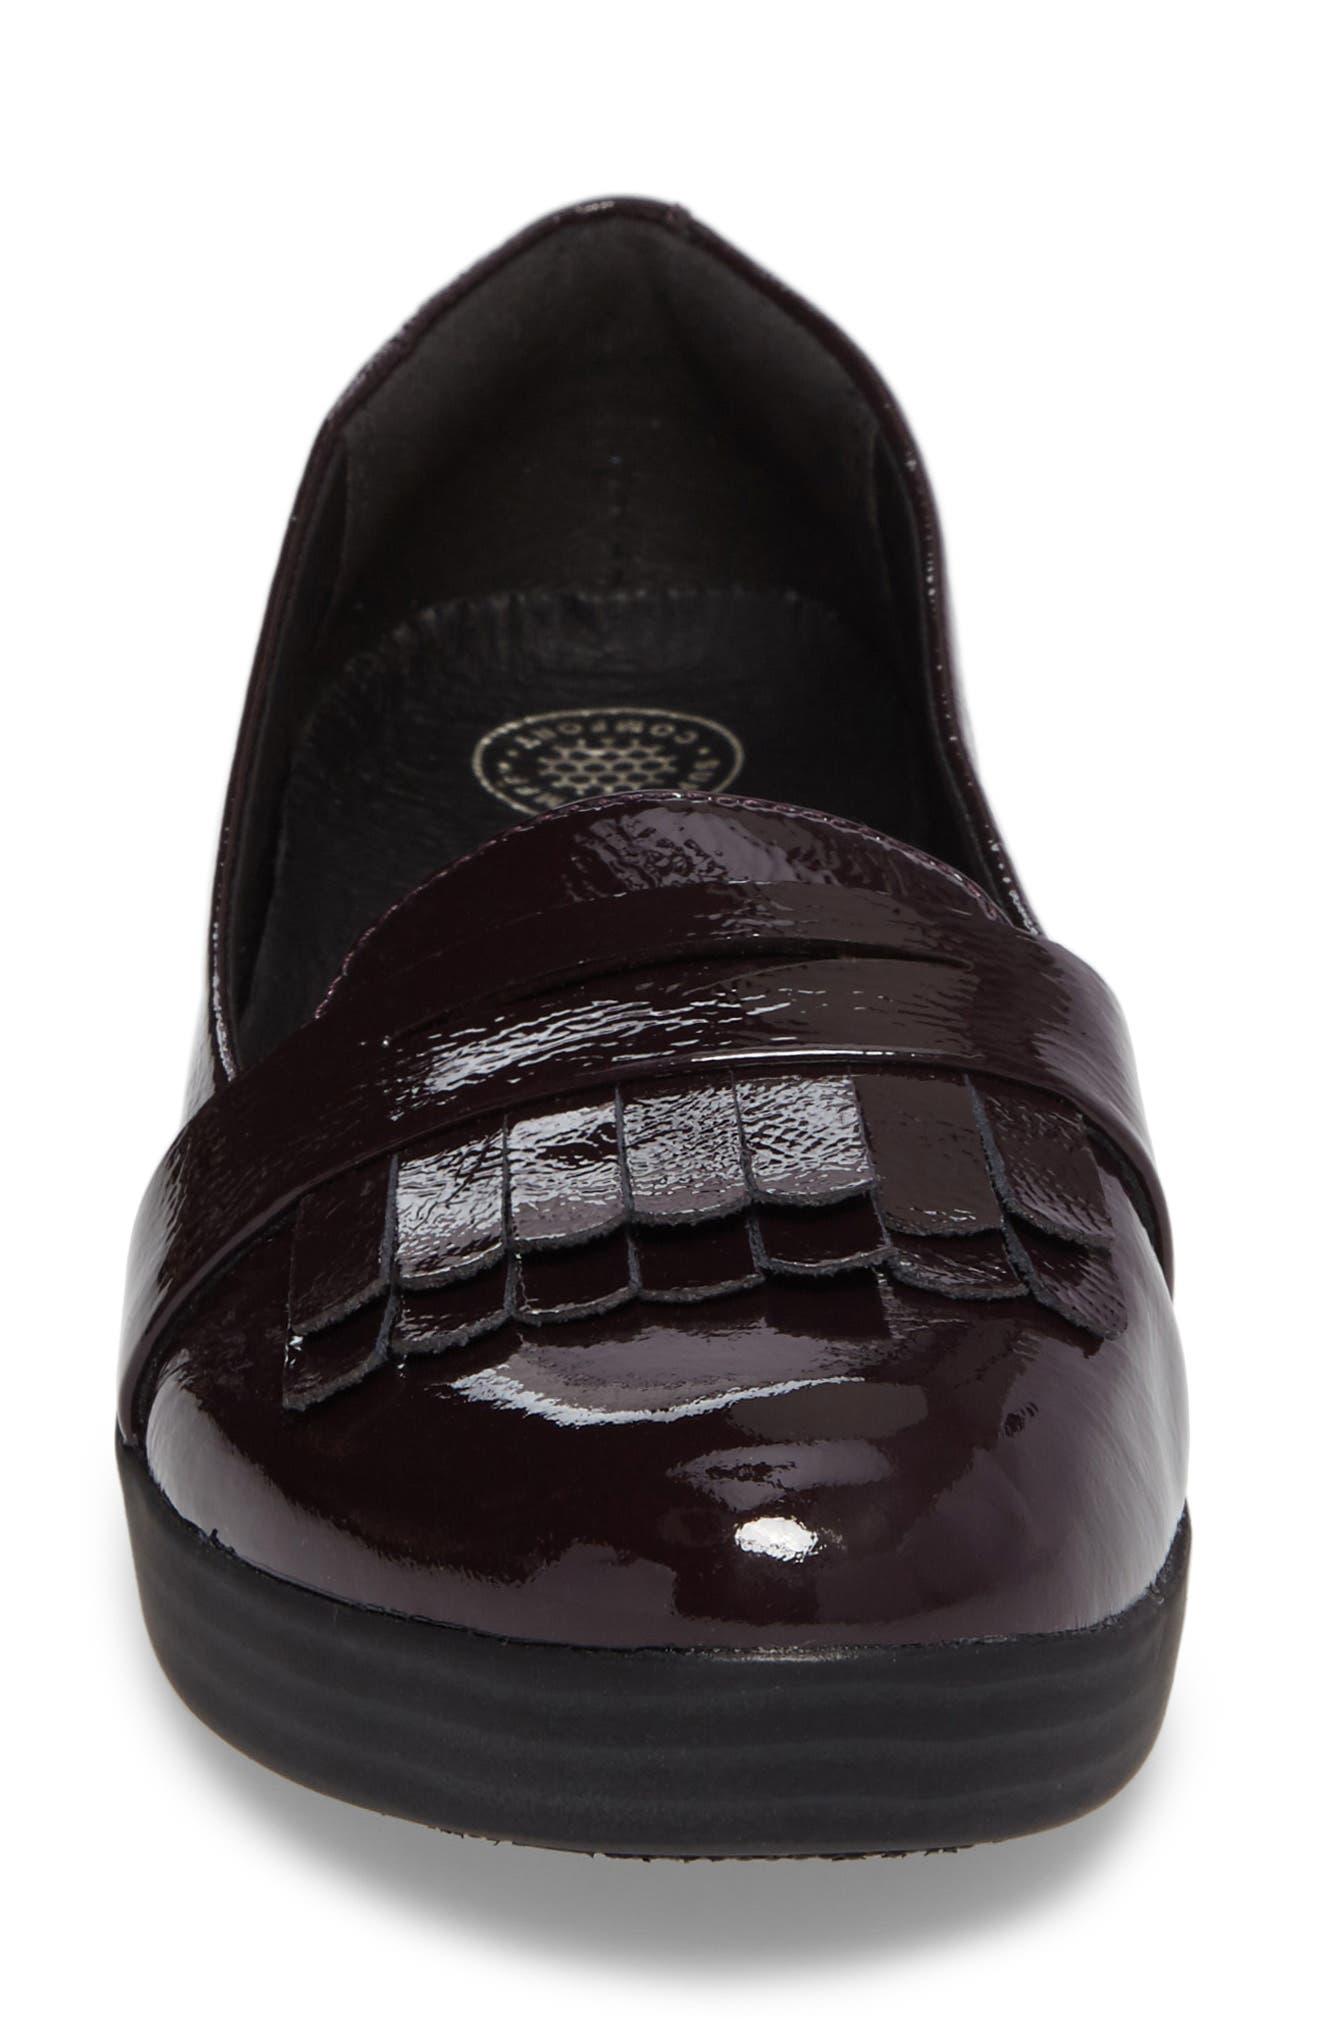 Fringey Sneakerloafer Slip-On,                             Alternate thumbnail 4, color,                             Deep Plum Leather